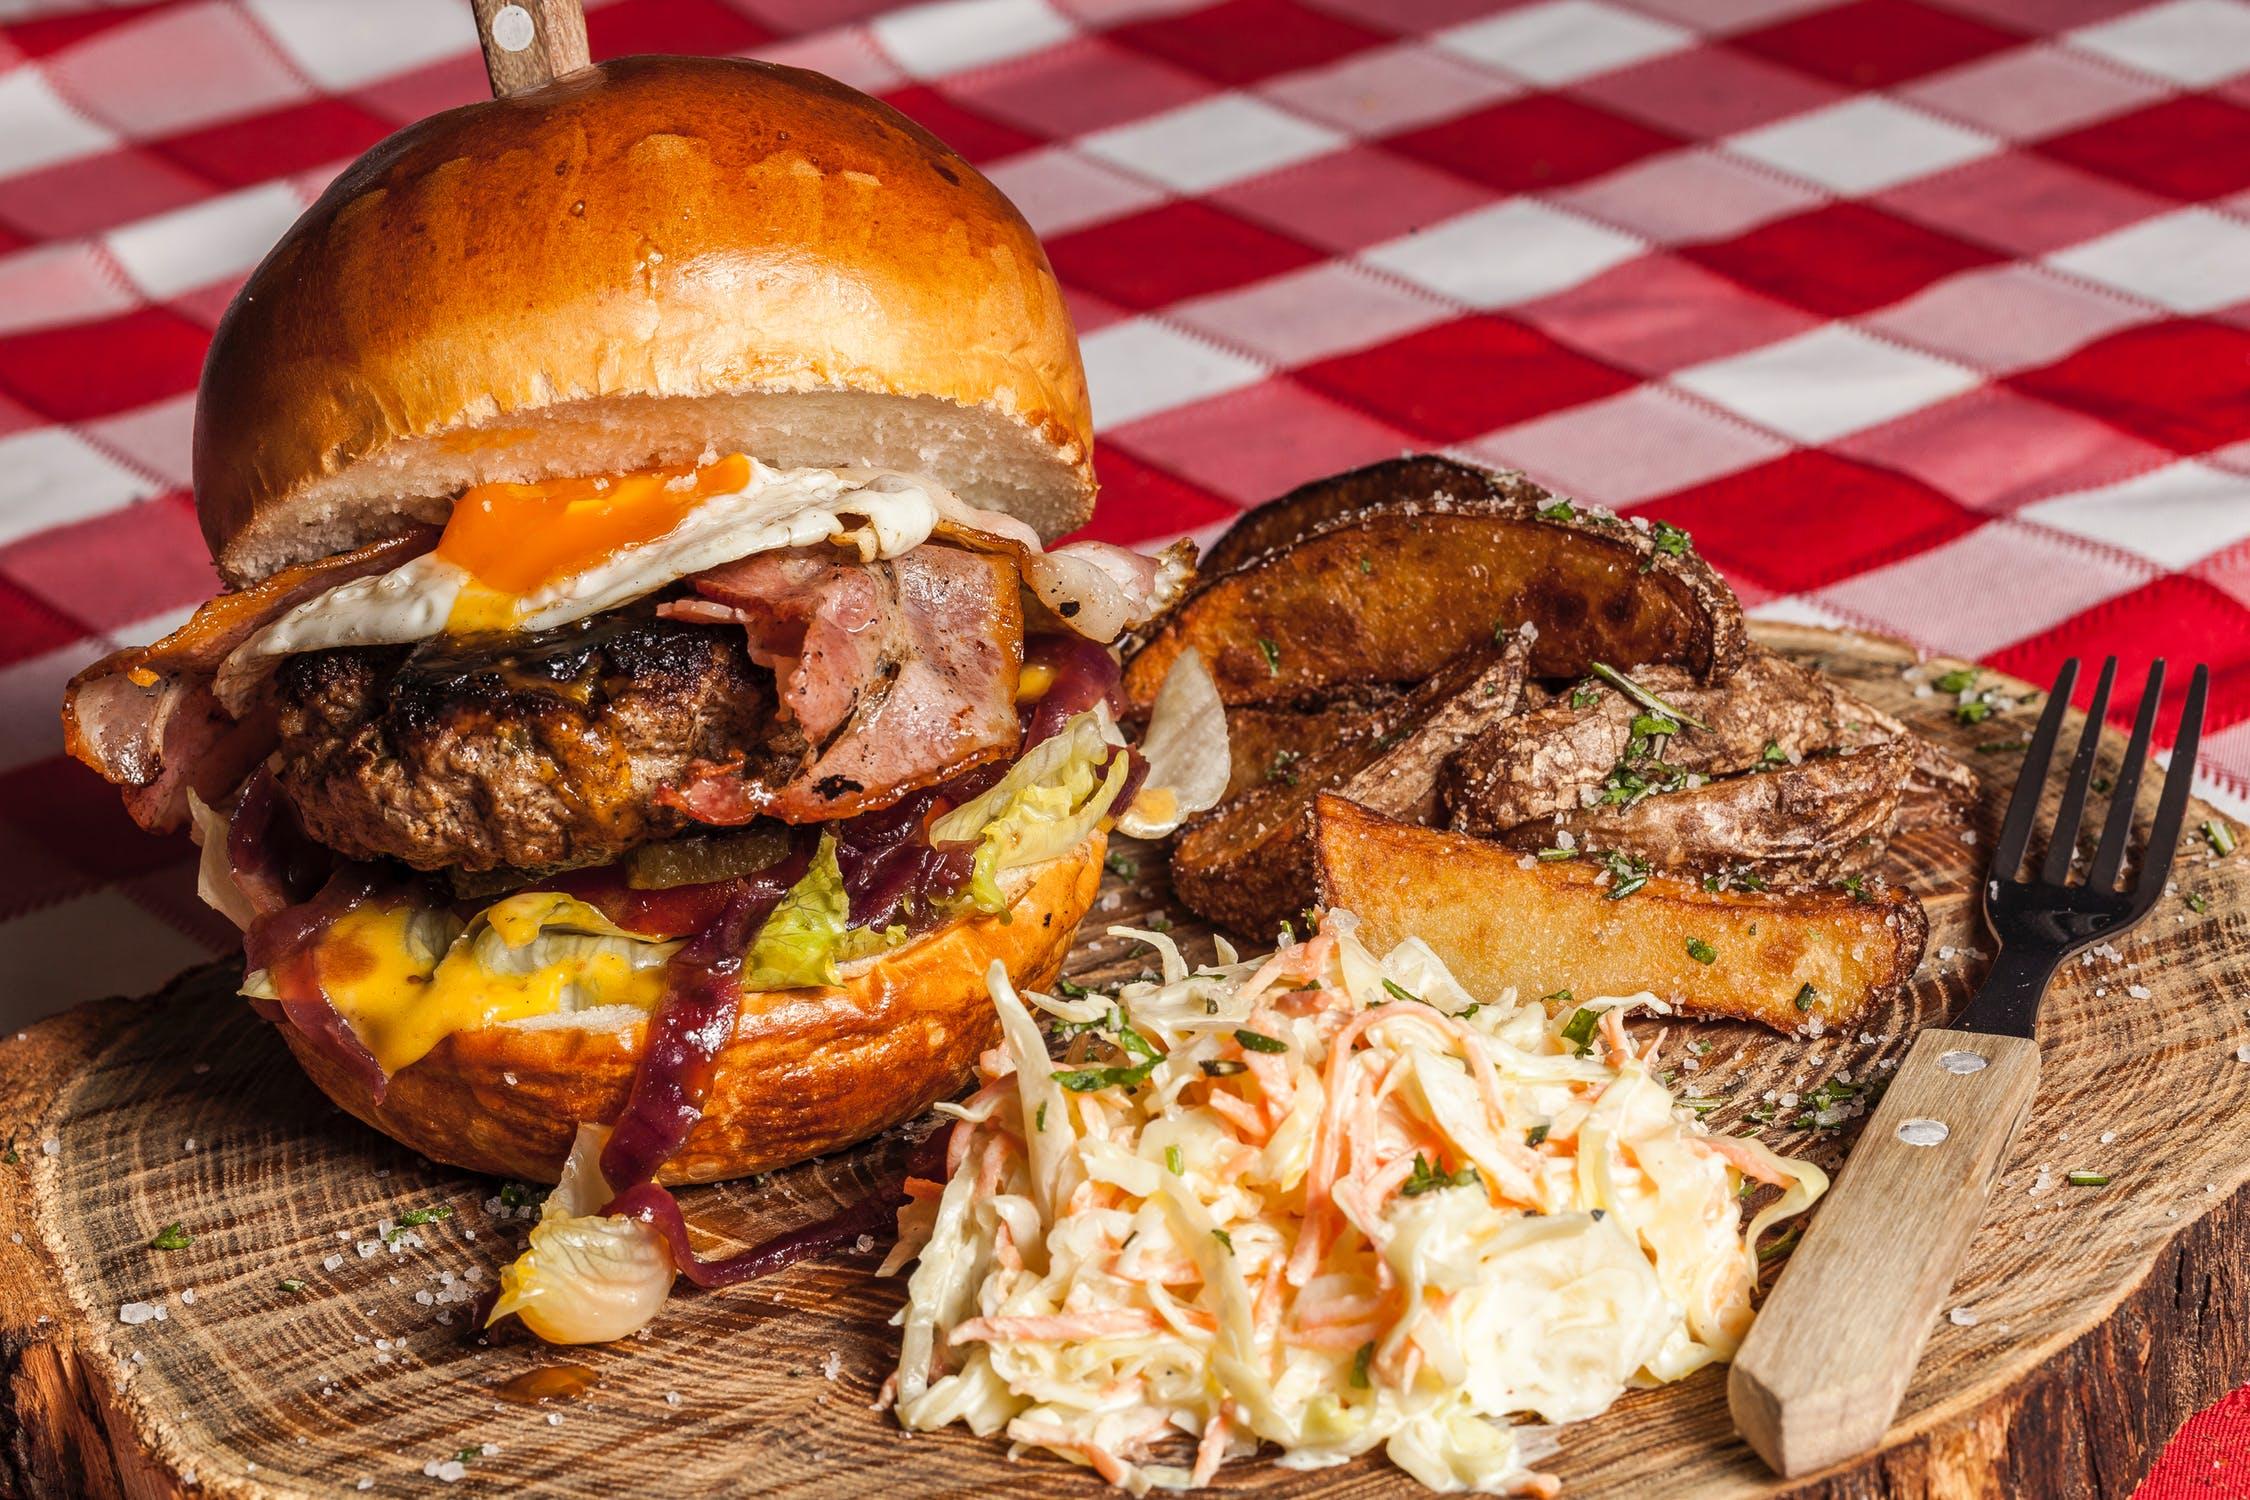 Nem og hurtig burger fra en måltidskasse